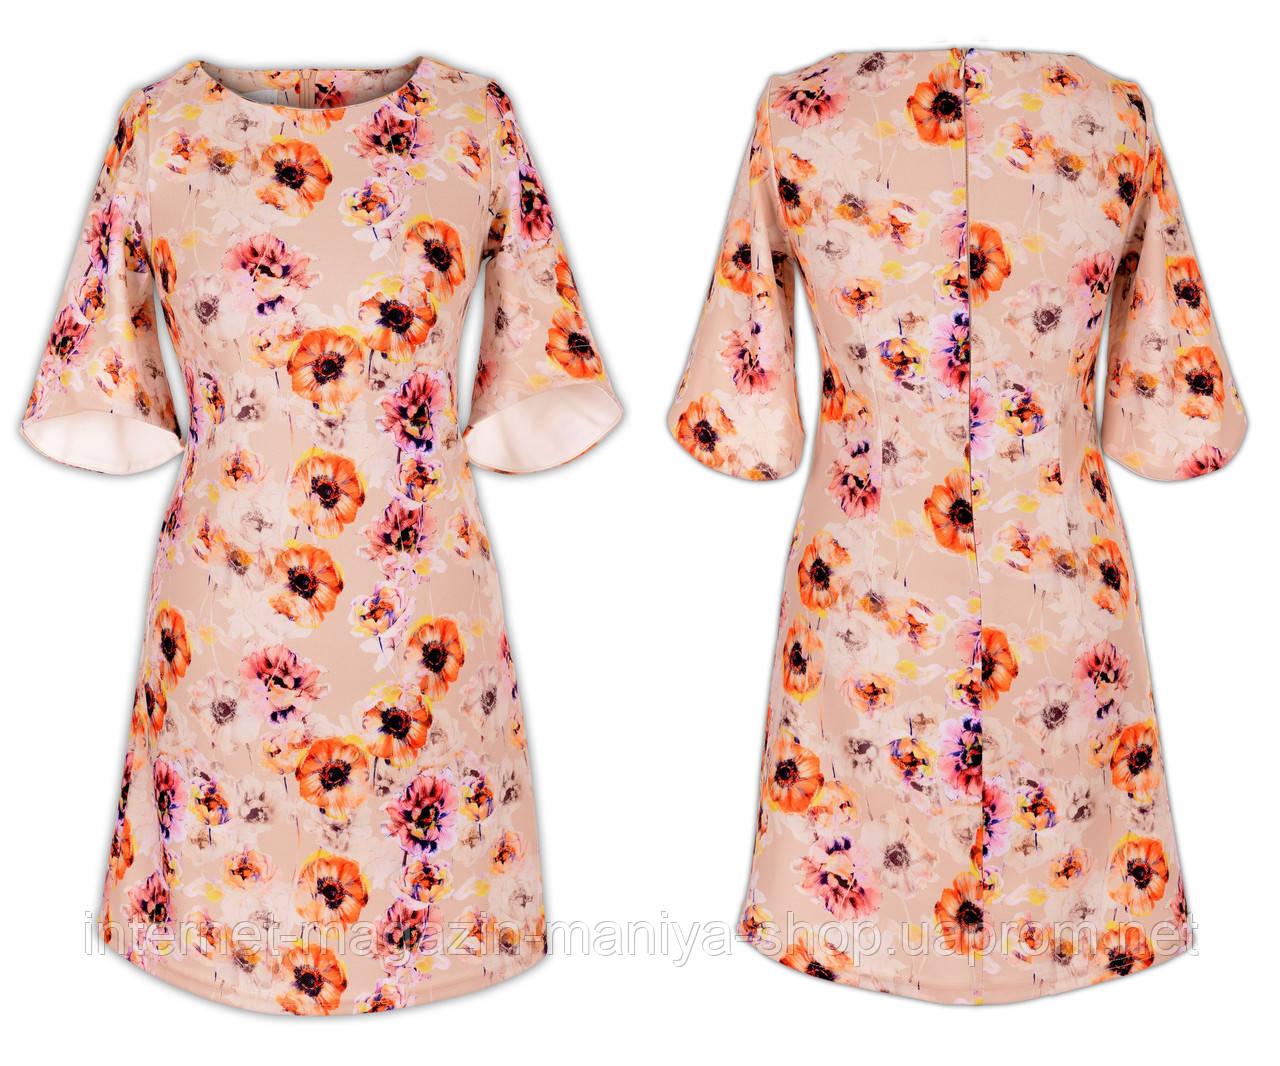 Платье женское цветочный принт